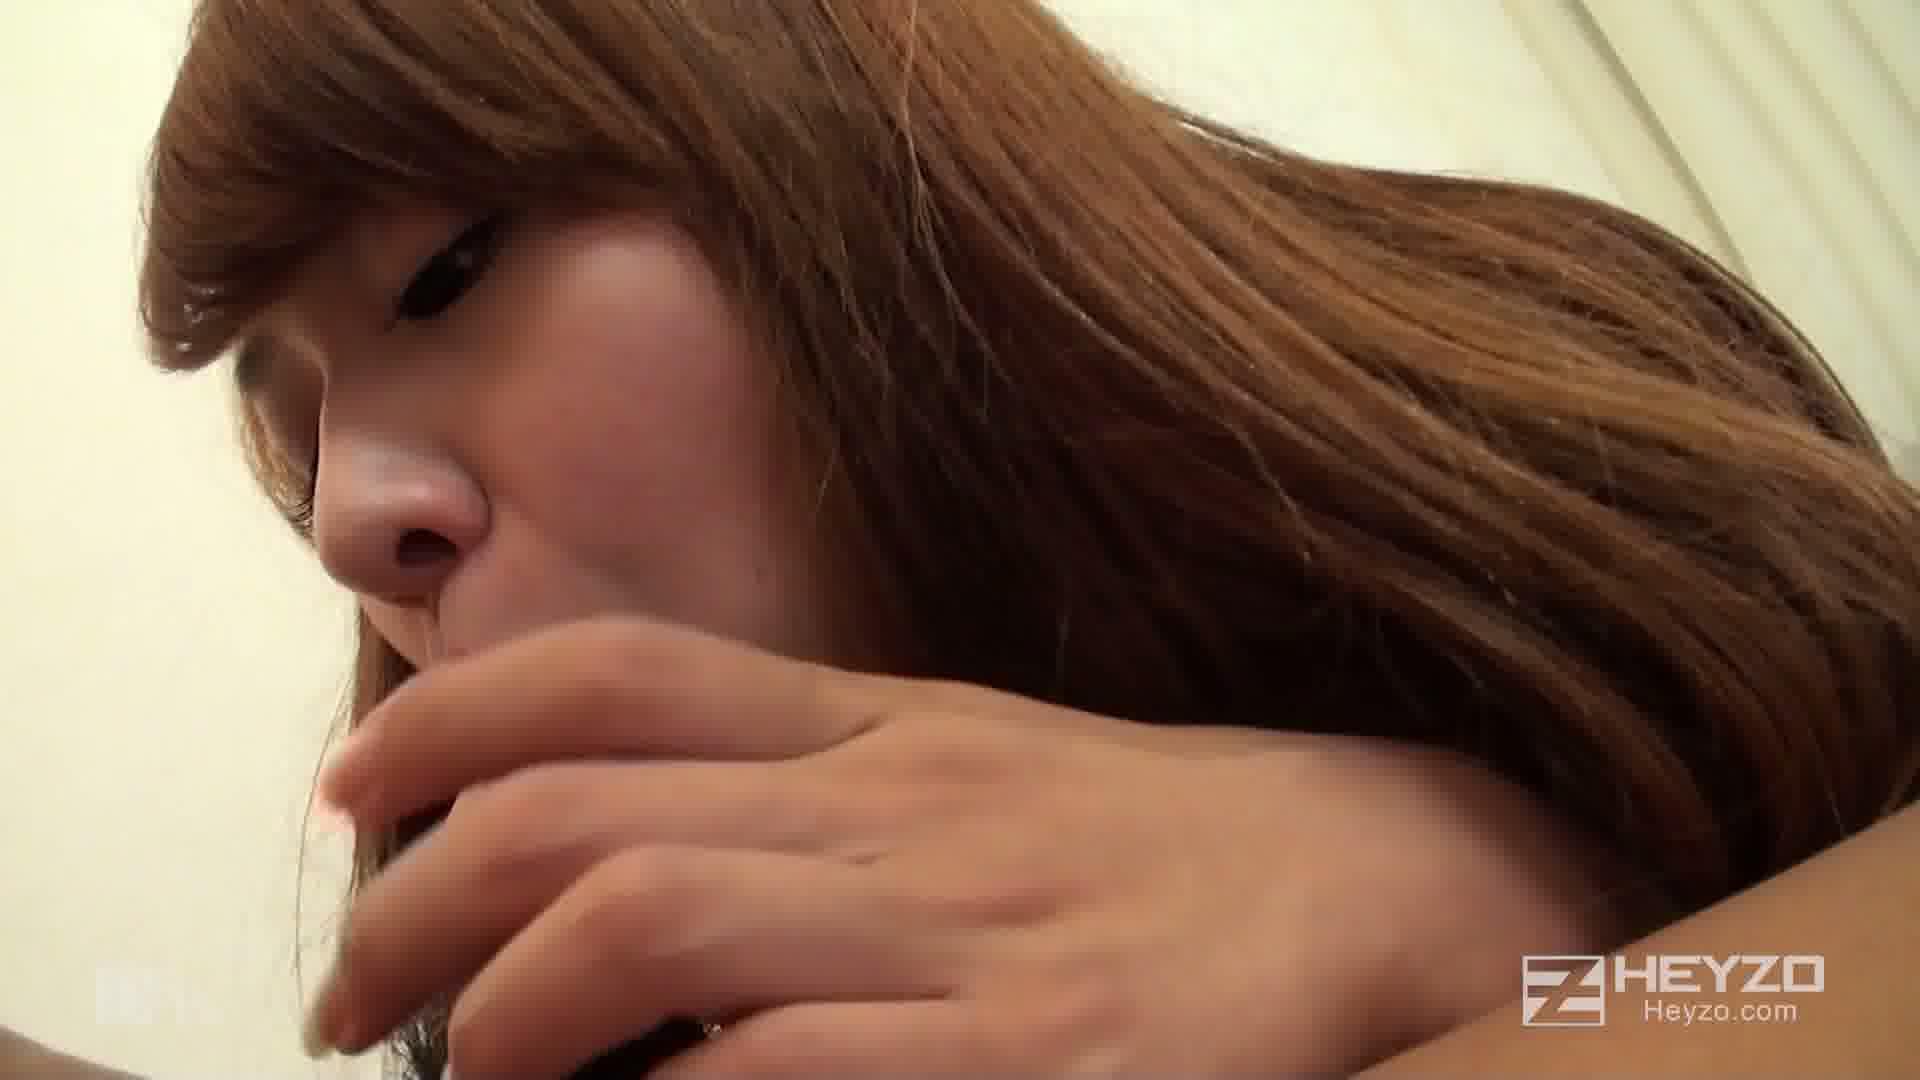 ピュアな素人娘が騙された怪しすぎる撮影会 - ひろみ【手ブラ 指マン クンニ フェラ 正常位】